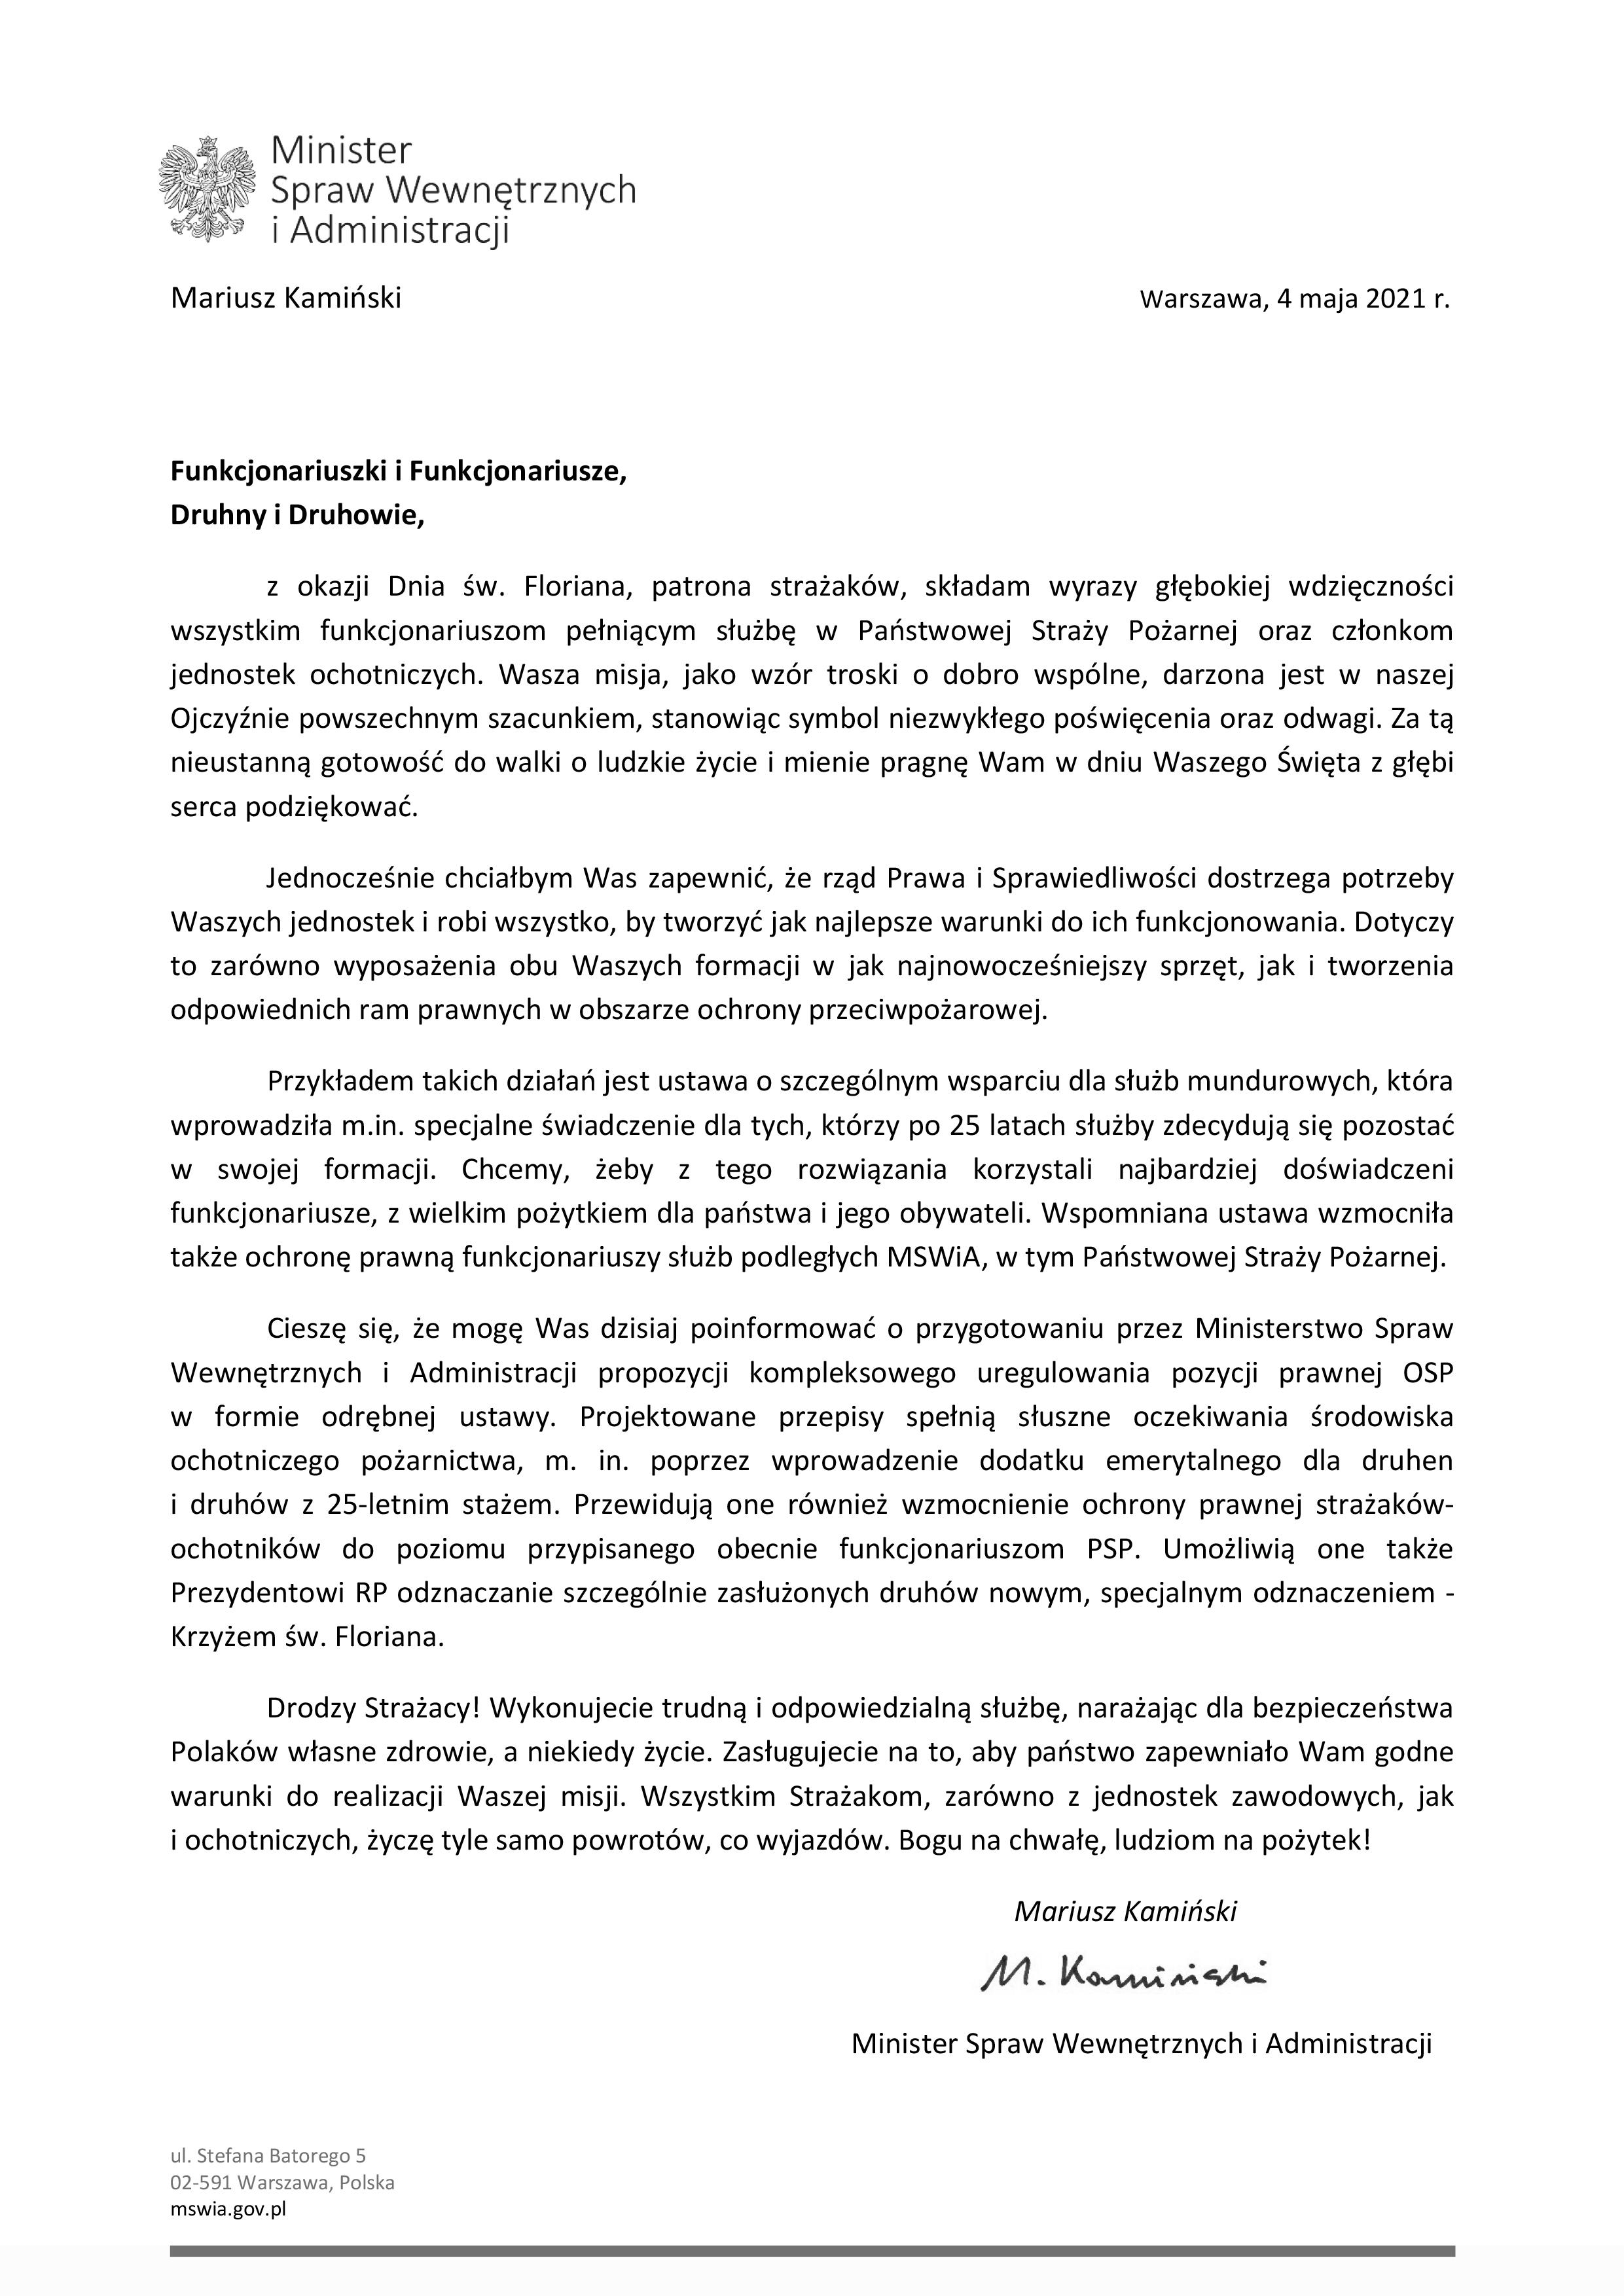 Tekst z życzeniami z okazji dnia strażaka Mariusza Kamińskiego